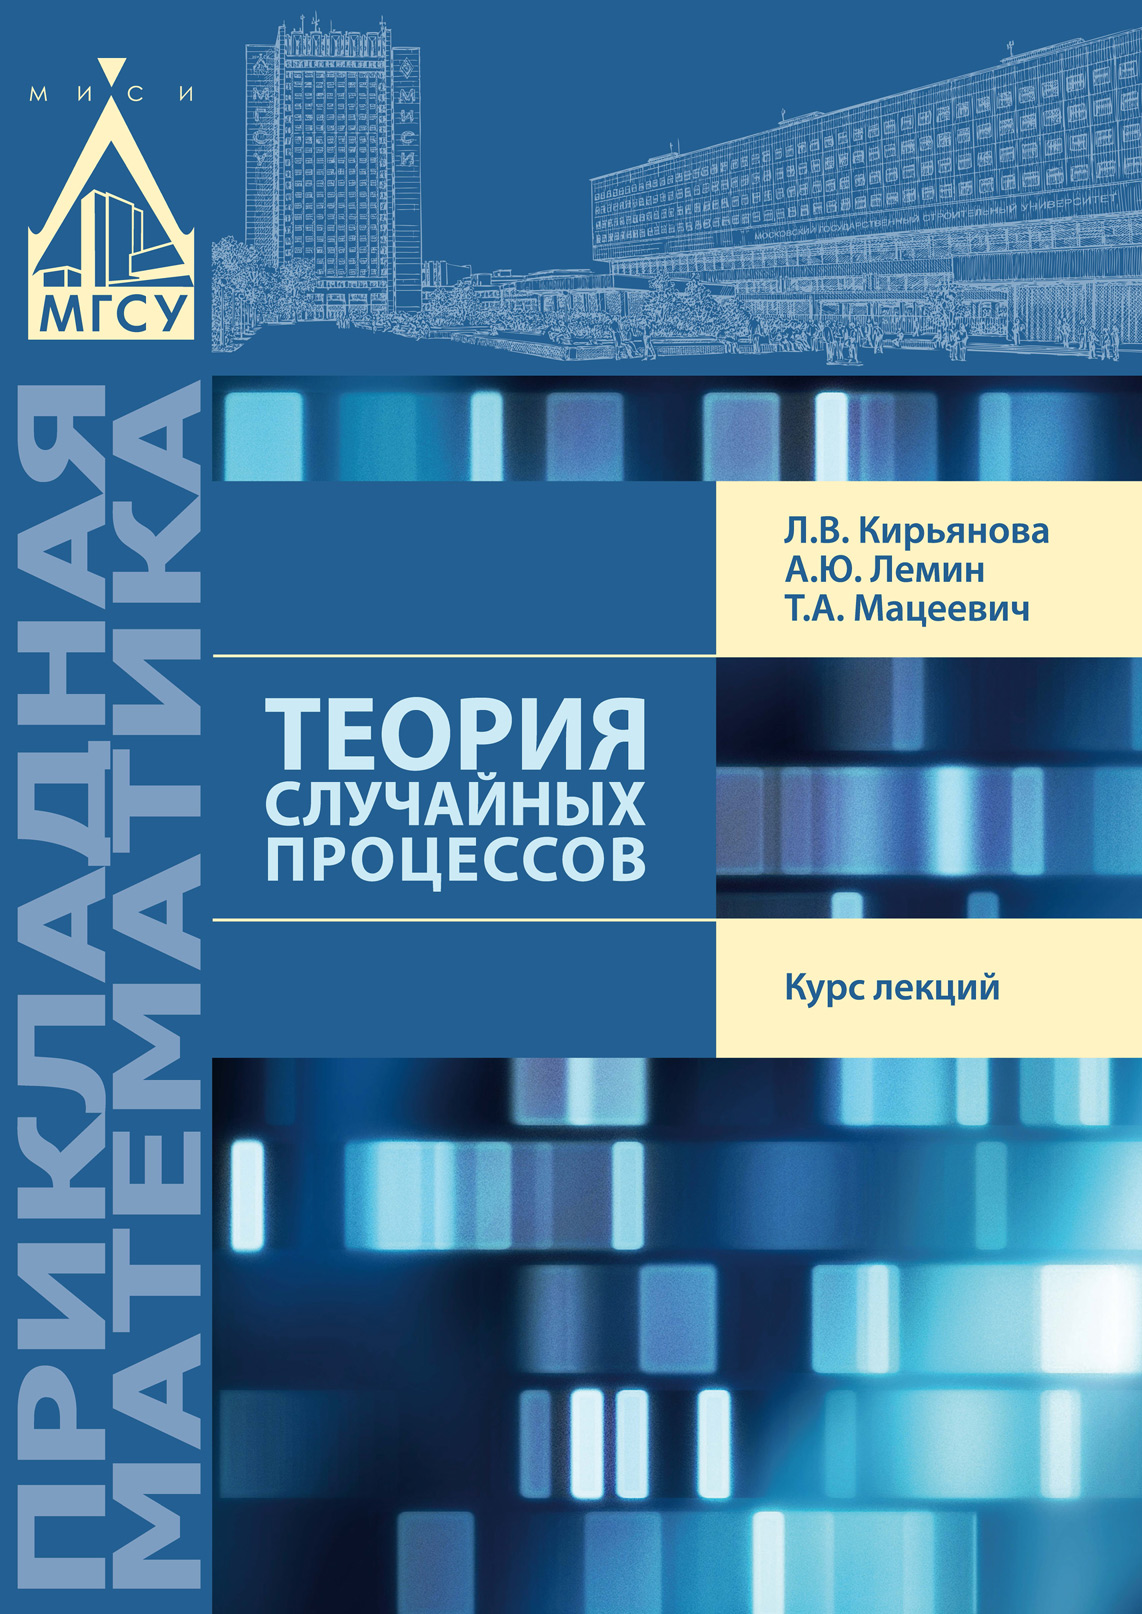 Т. А. Мацеевич Теория случайных процессов в м трояновский информационно управляющие системы и прикладная теория случайных процессов